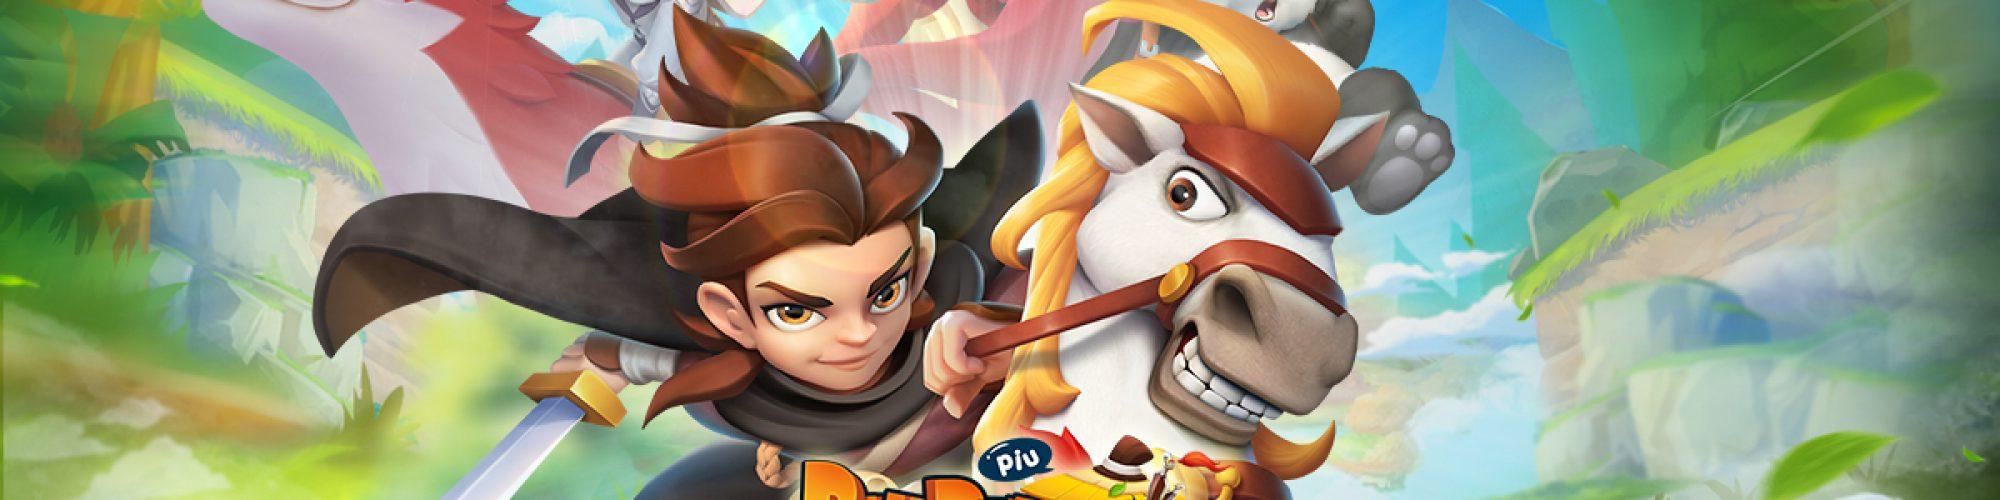 game4v-dai-hiep-piupiupiu-1